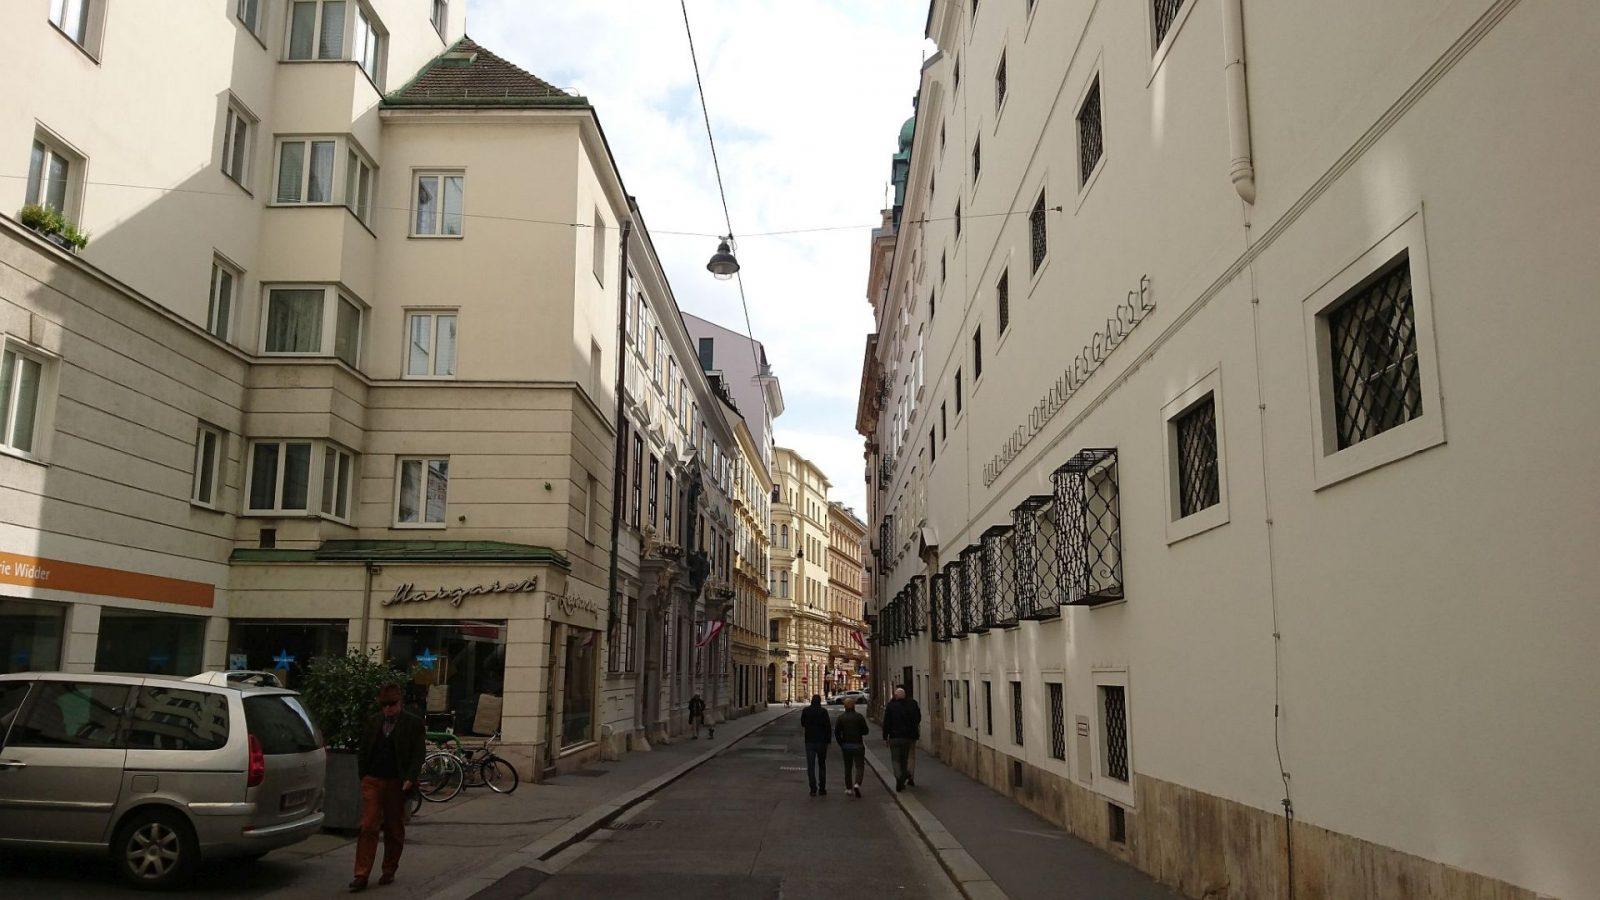 Johannesgasse mit dem ÖJAB-Haus (Studentenwohnheim) in Wien